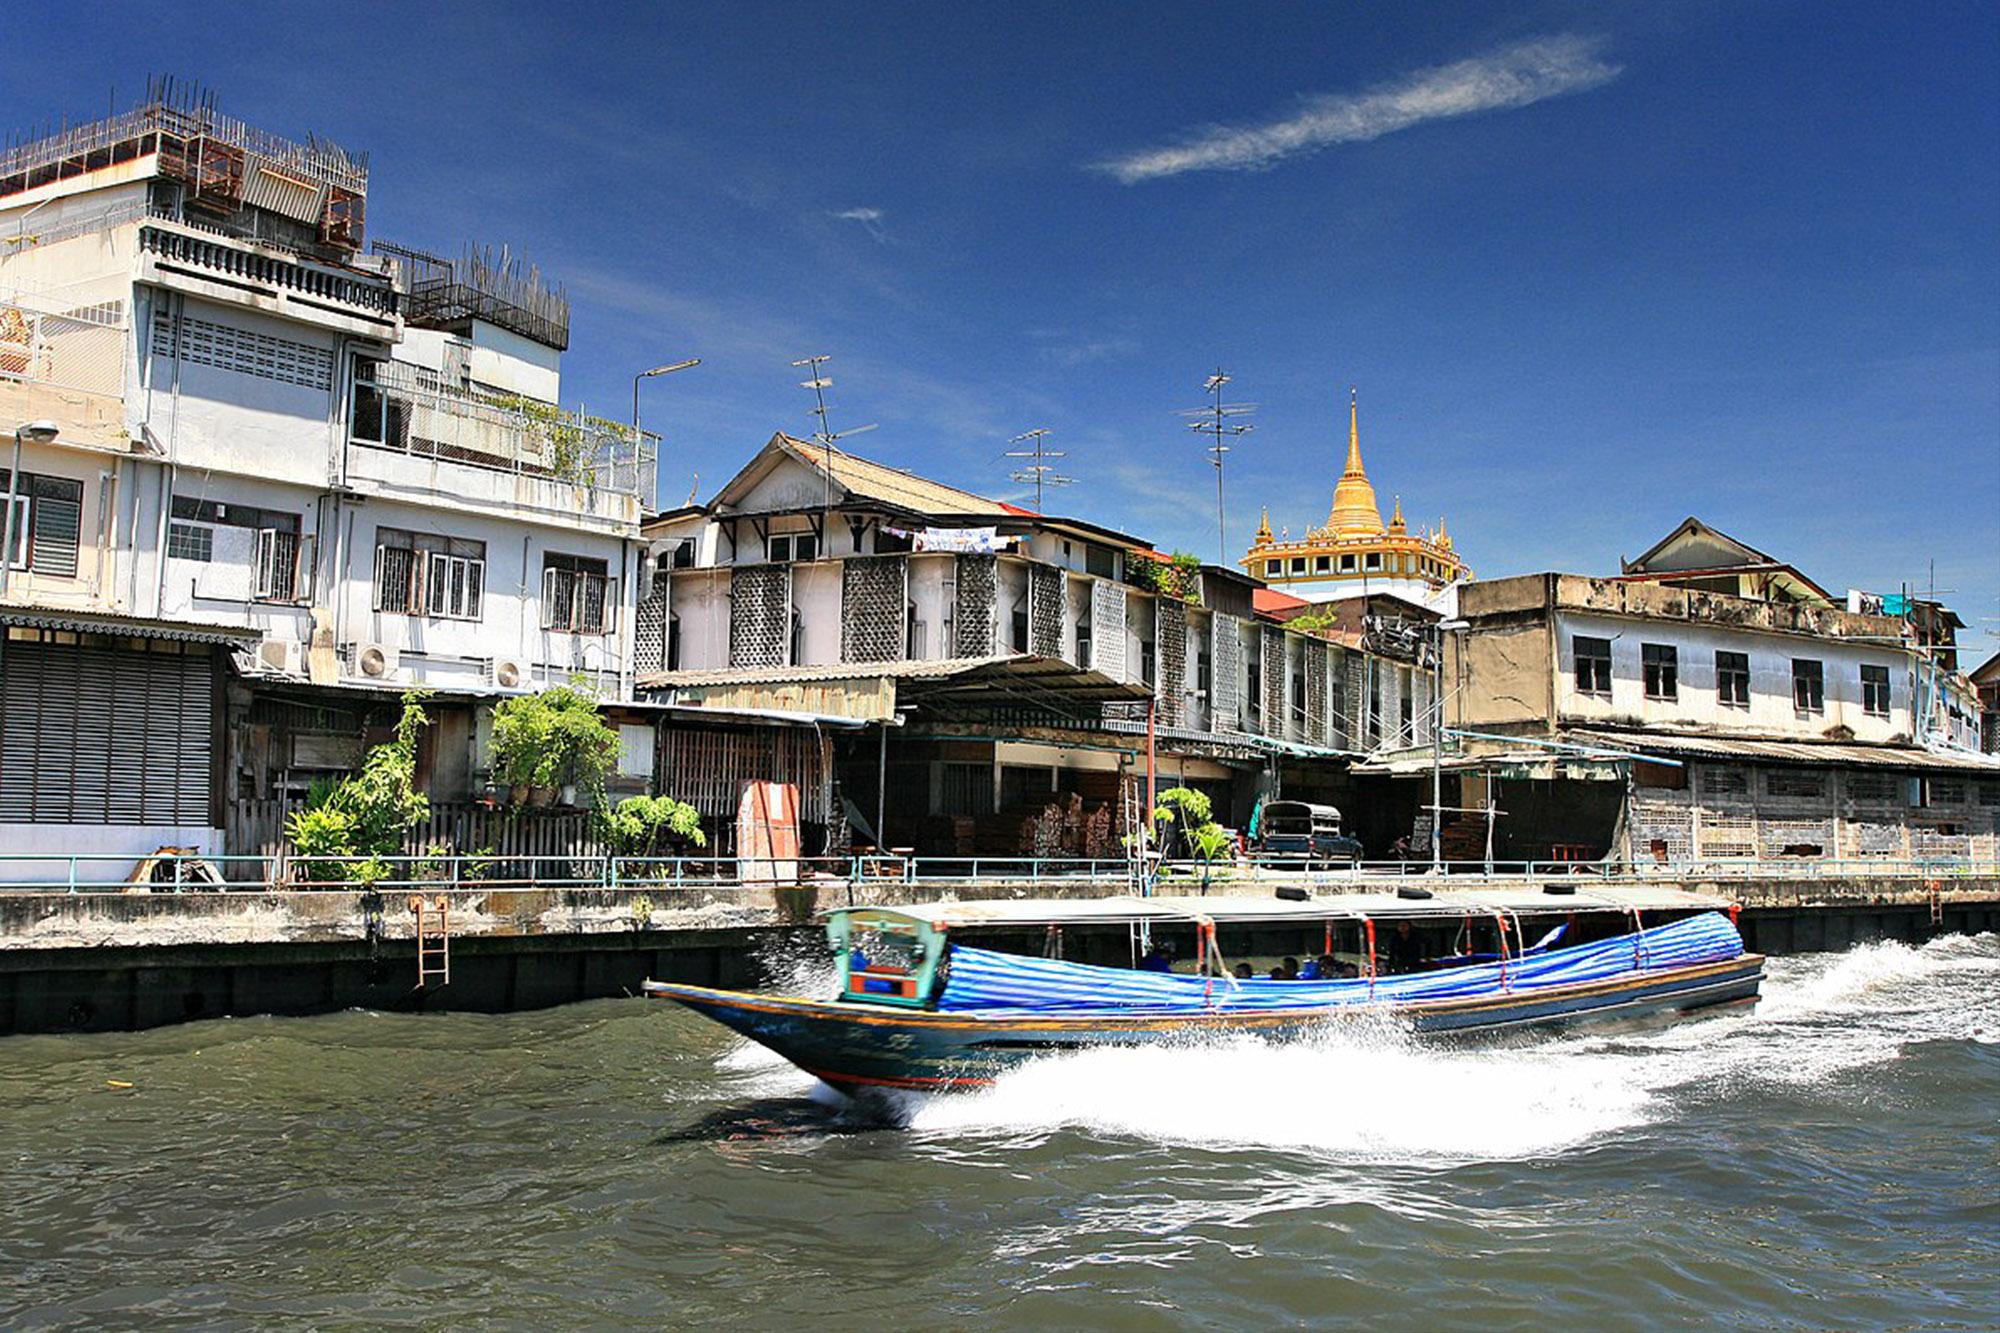 金山寺 Wat Saket 曼谷 金山寺 曼谷 老城景點 曼谷 水燈節